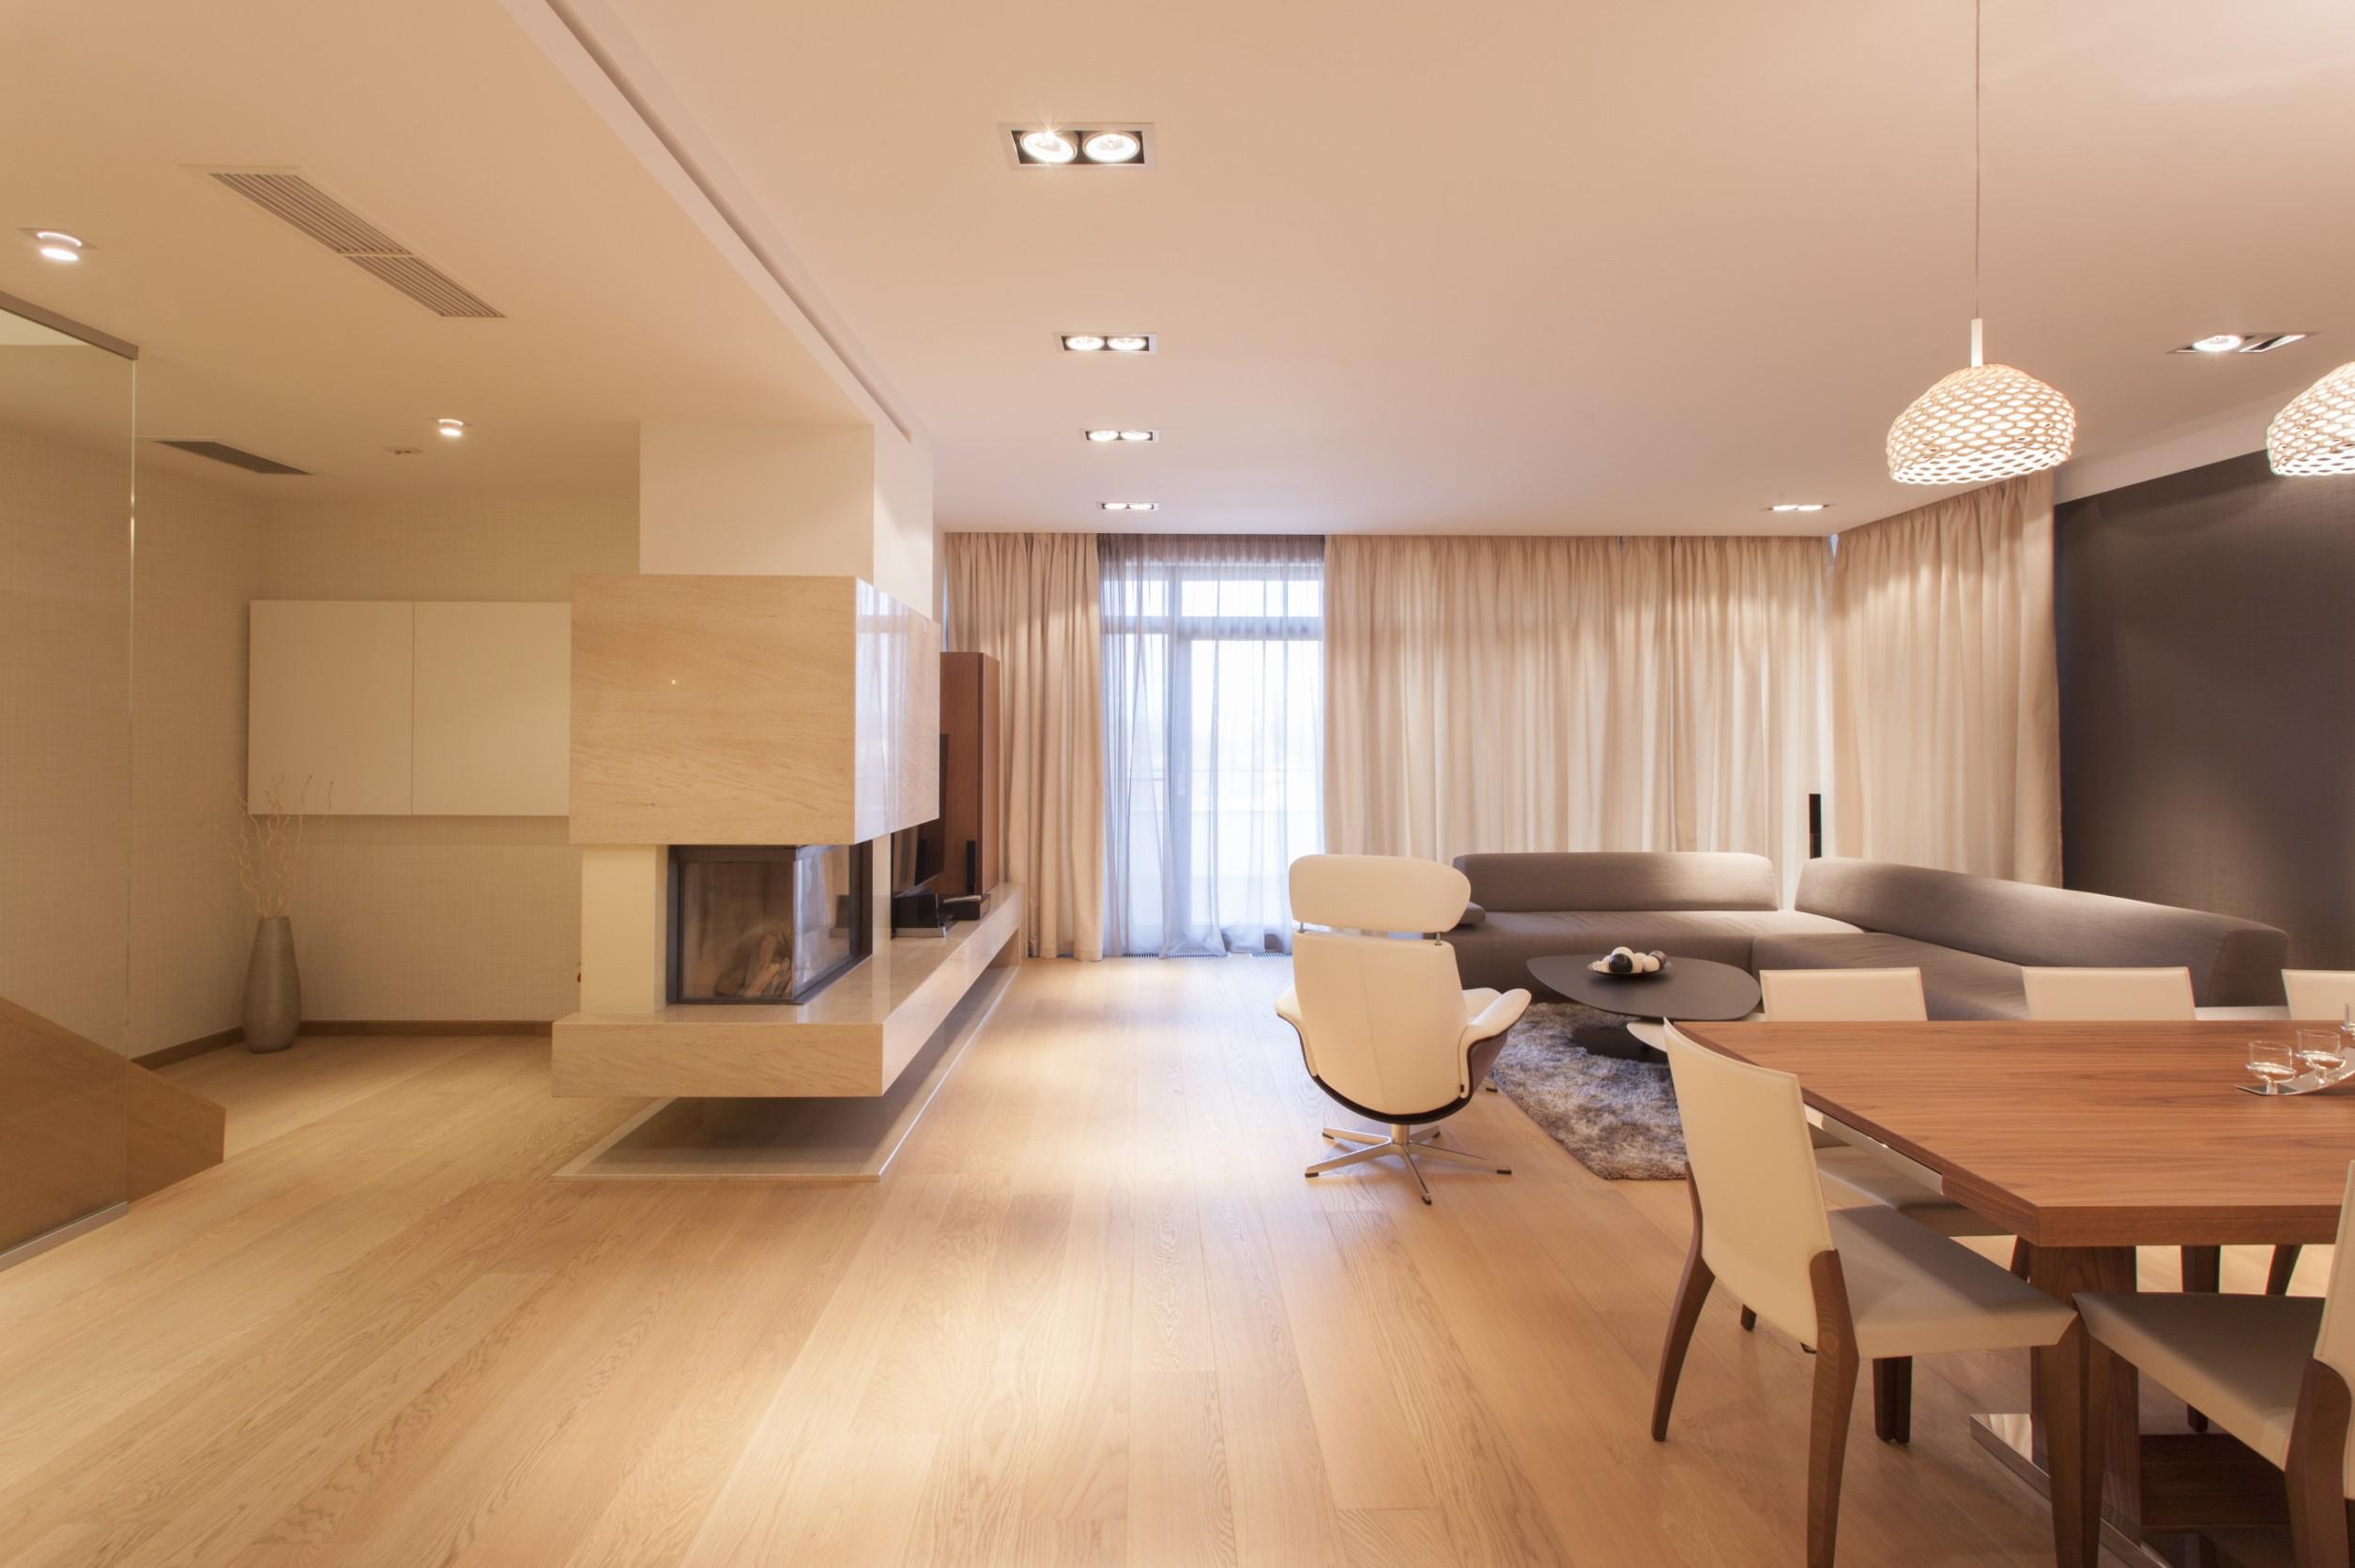 https://nbc-arhitect.ro/wp-content/uploads/2020/10/NBC-Arhitect-_-Petofi-Sandor-_-Housing-_-interior-design_19.jpg